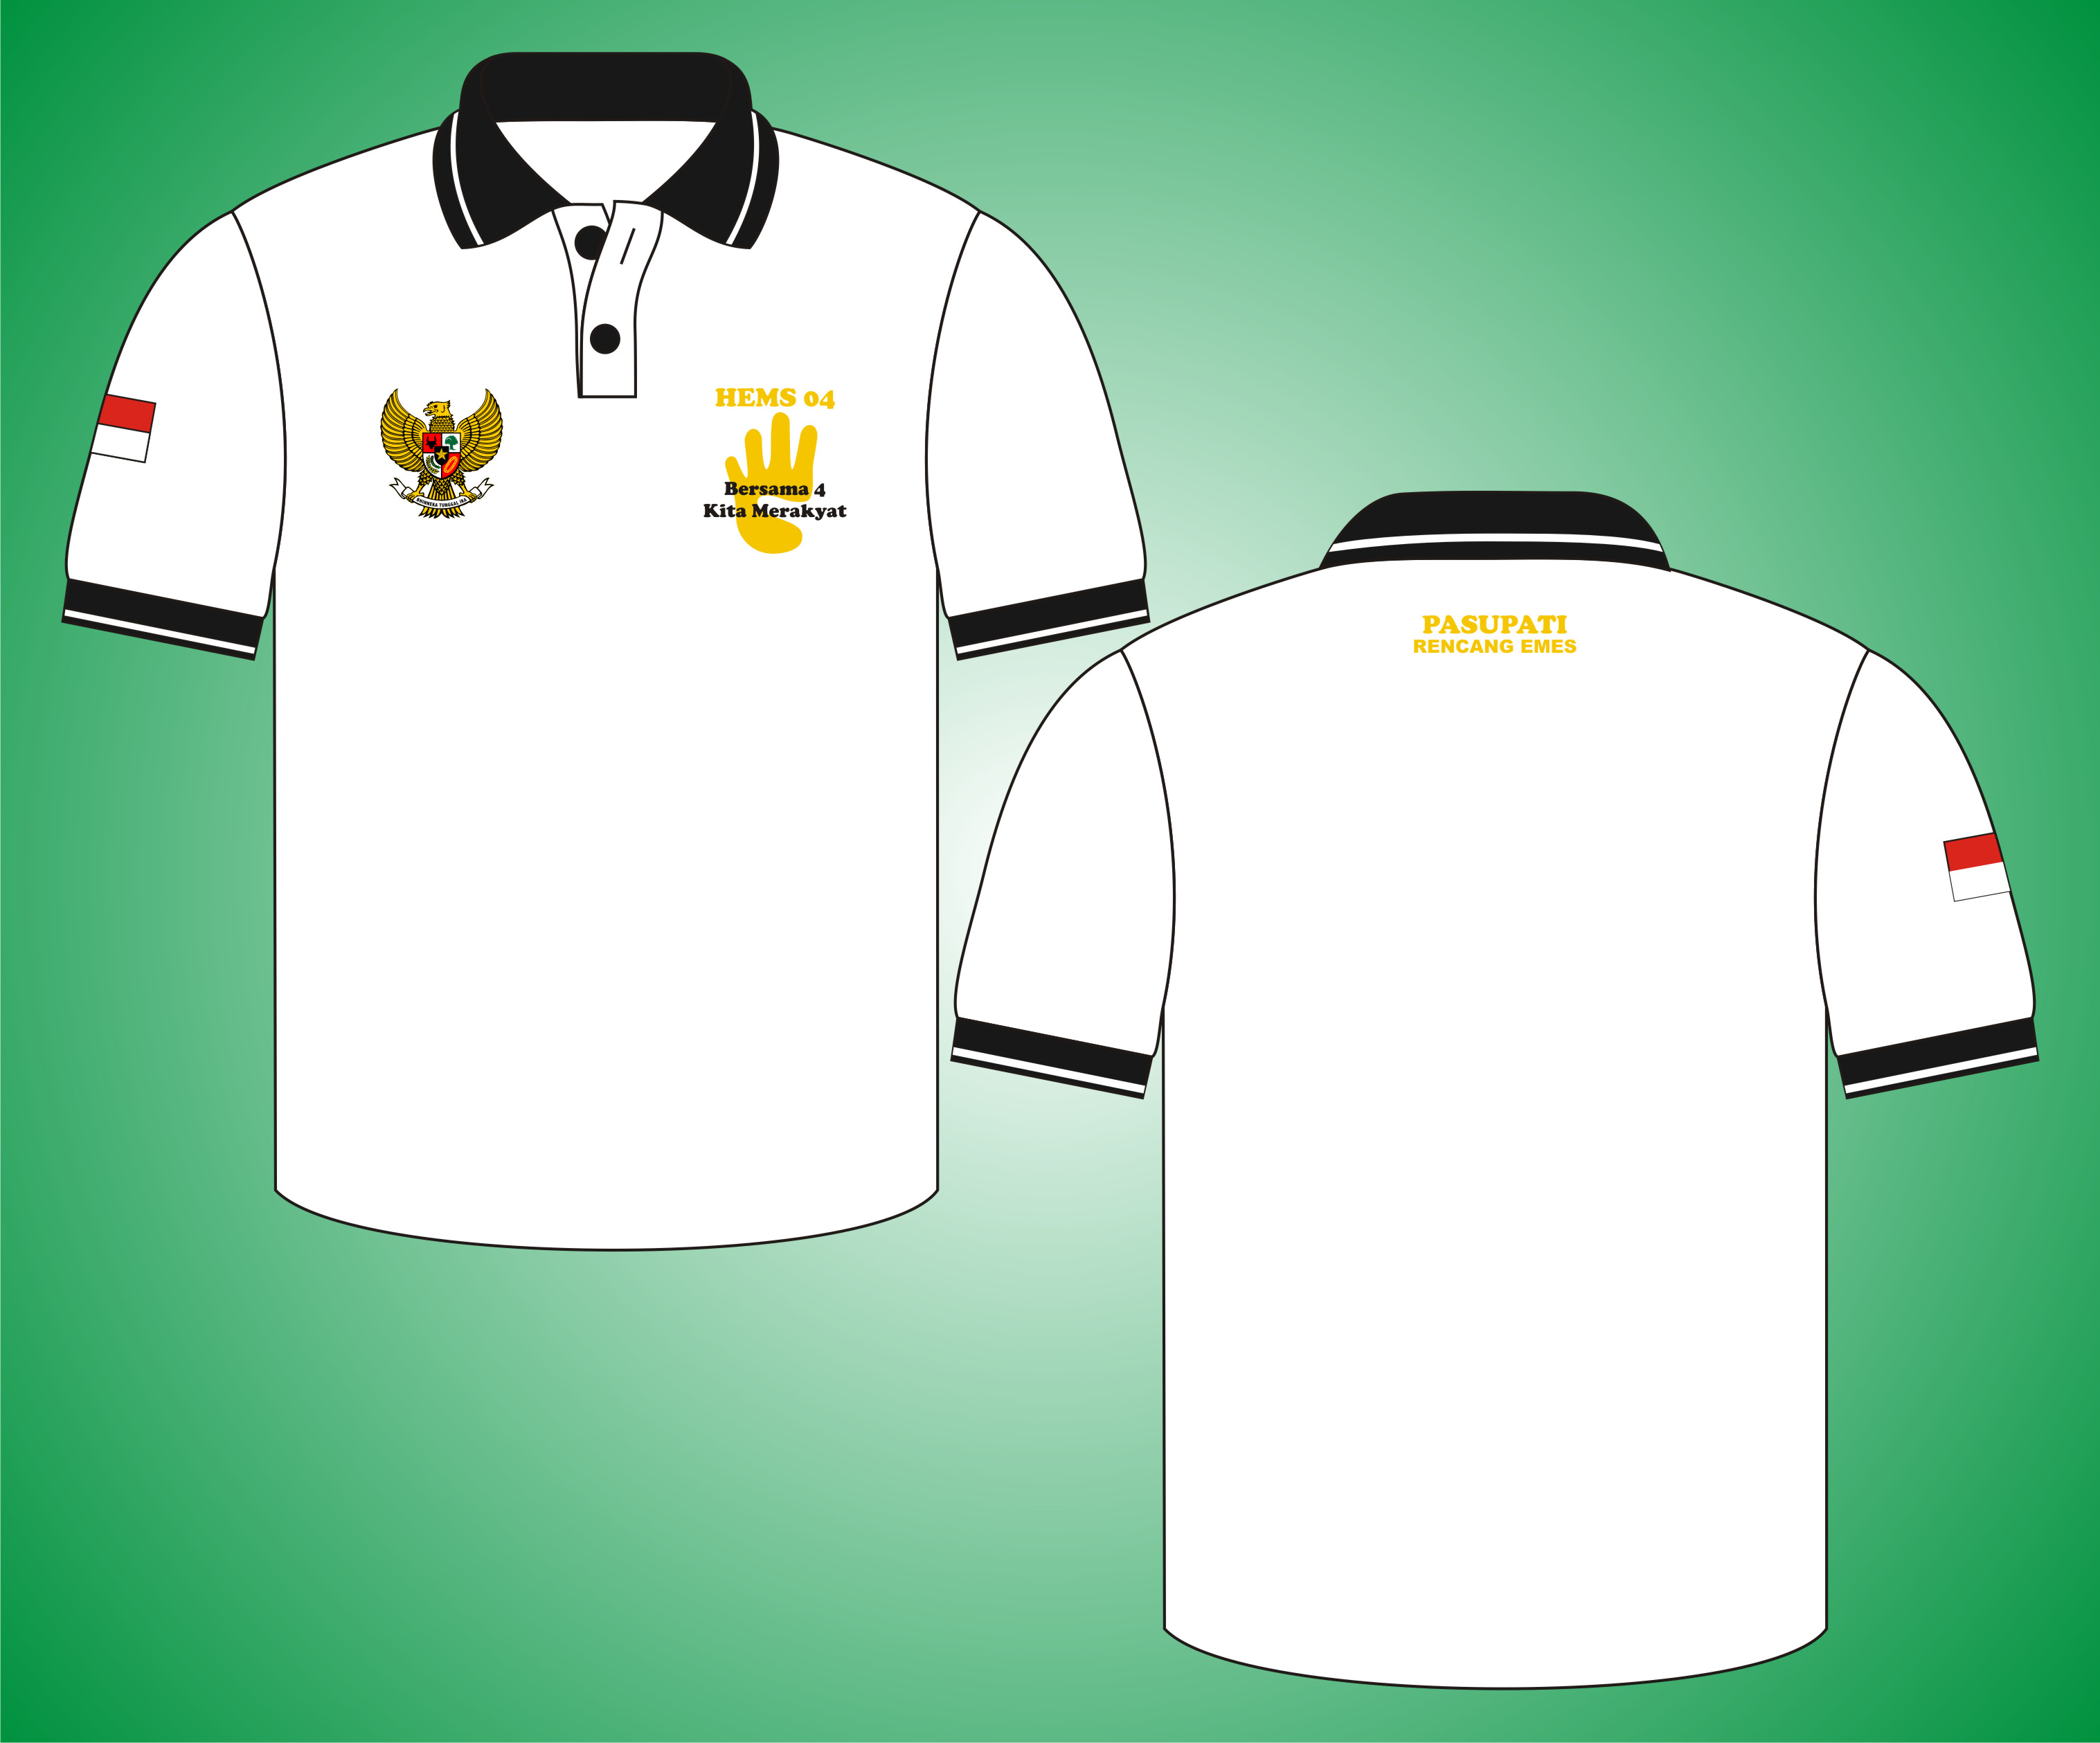 Poloshirt Rencang Emes, Kaos Kerah Pasupati